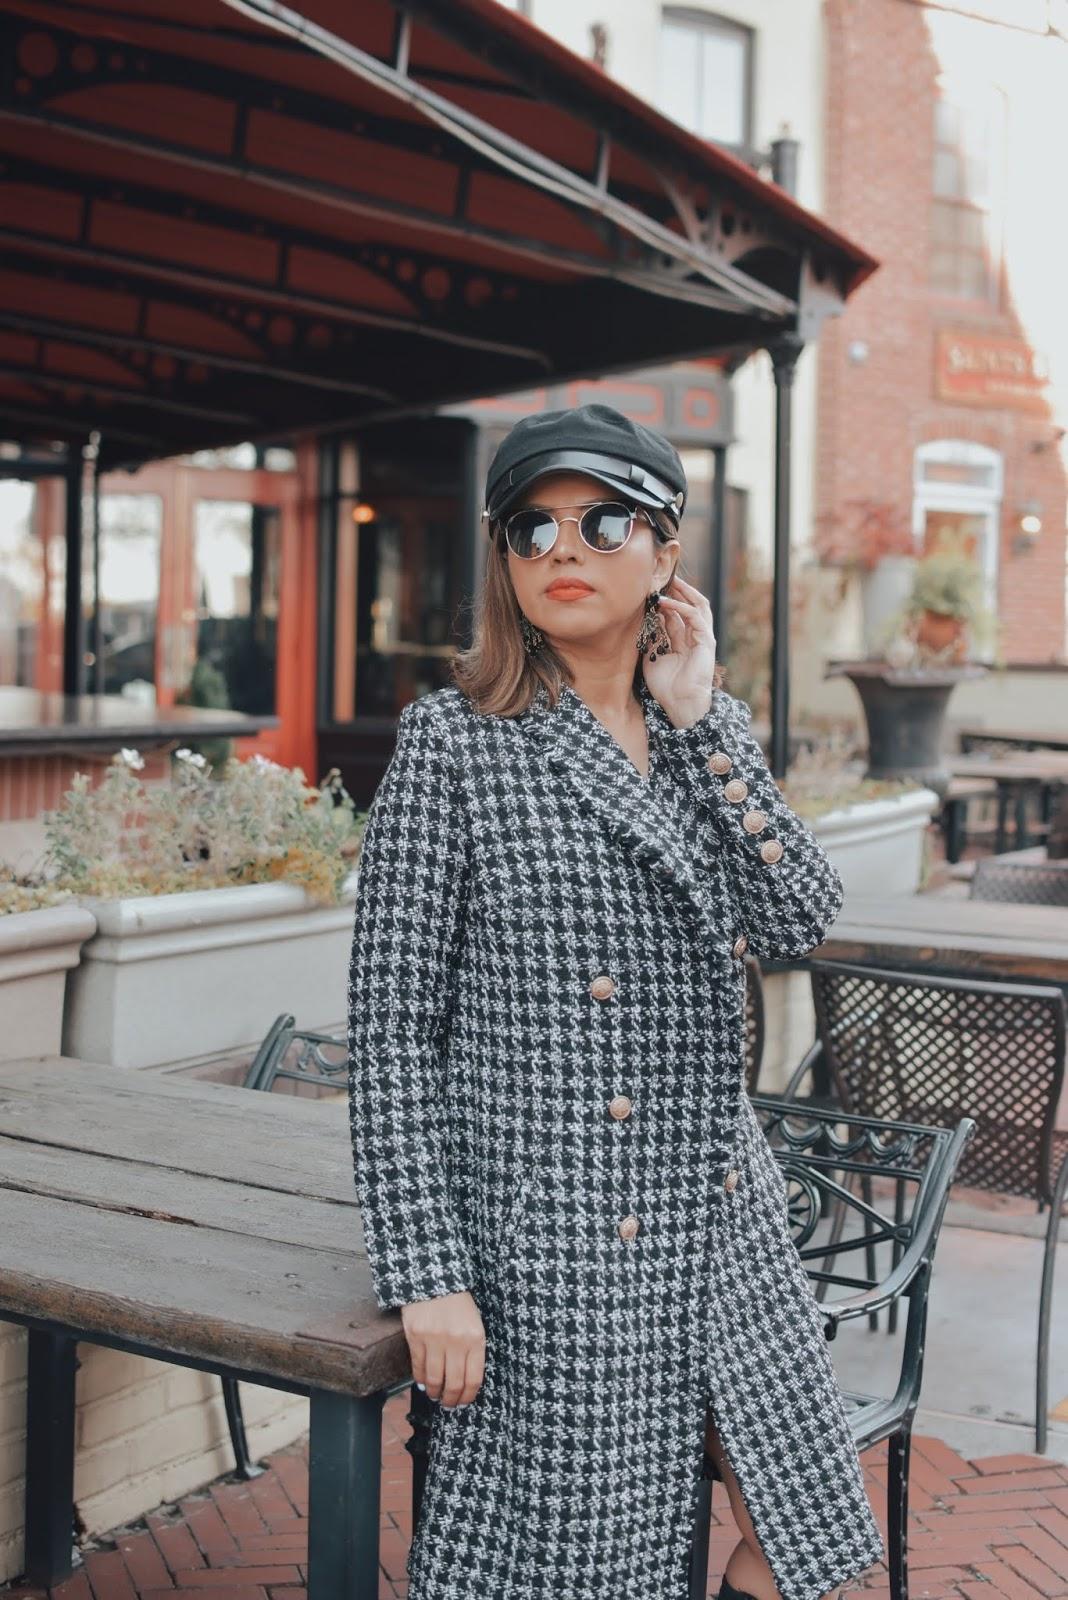 Un Look Clásico Para El Día A Día -mariestilo-street wear-winter coat-winter style-moda-dcblogger-canal de mariestilo-